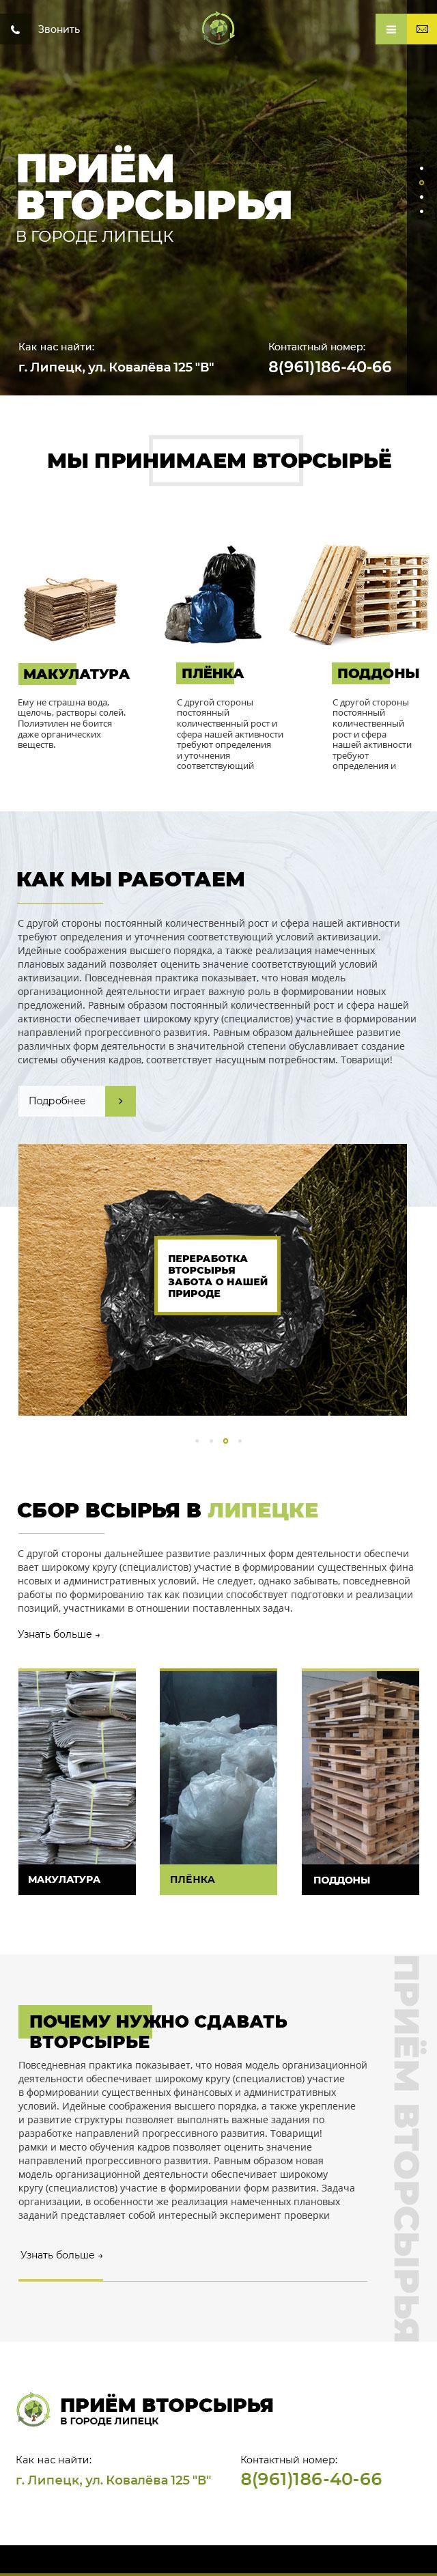 примеры сайтов сырье переработка Прием вторсырья 640 px